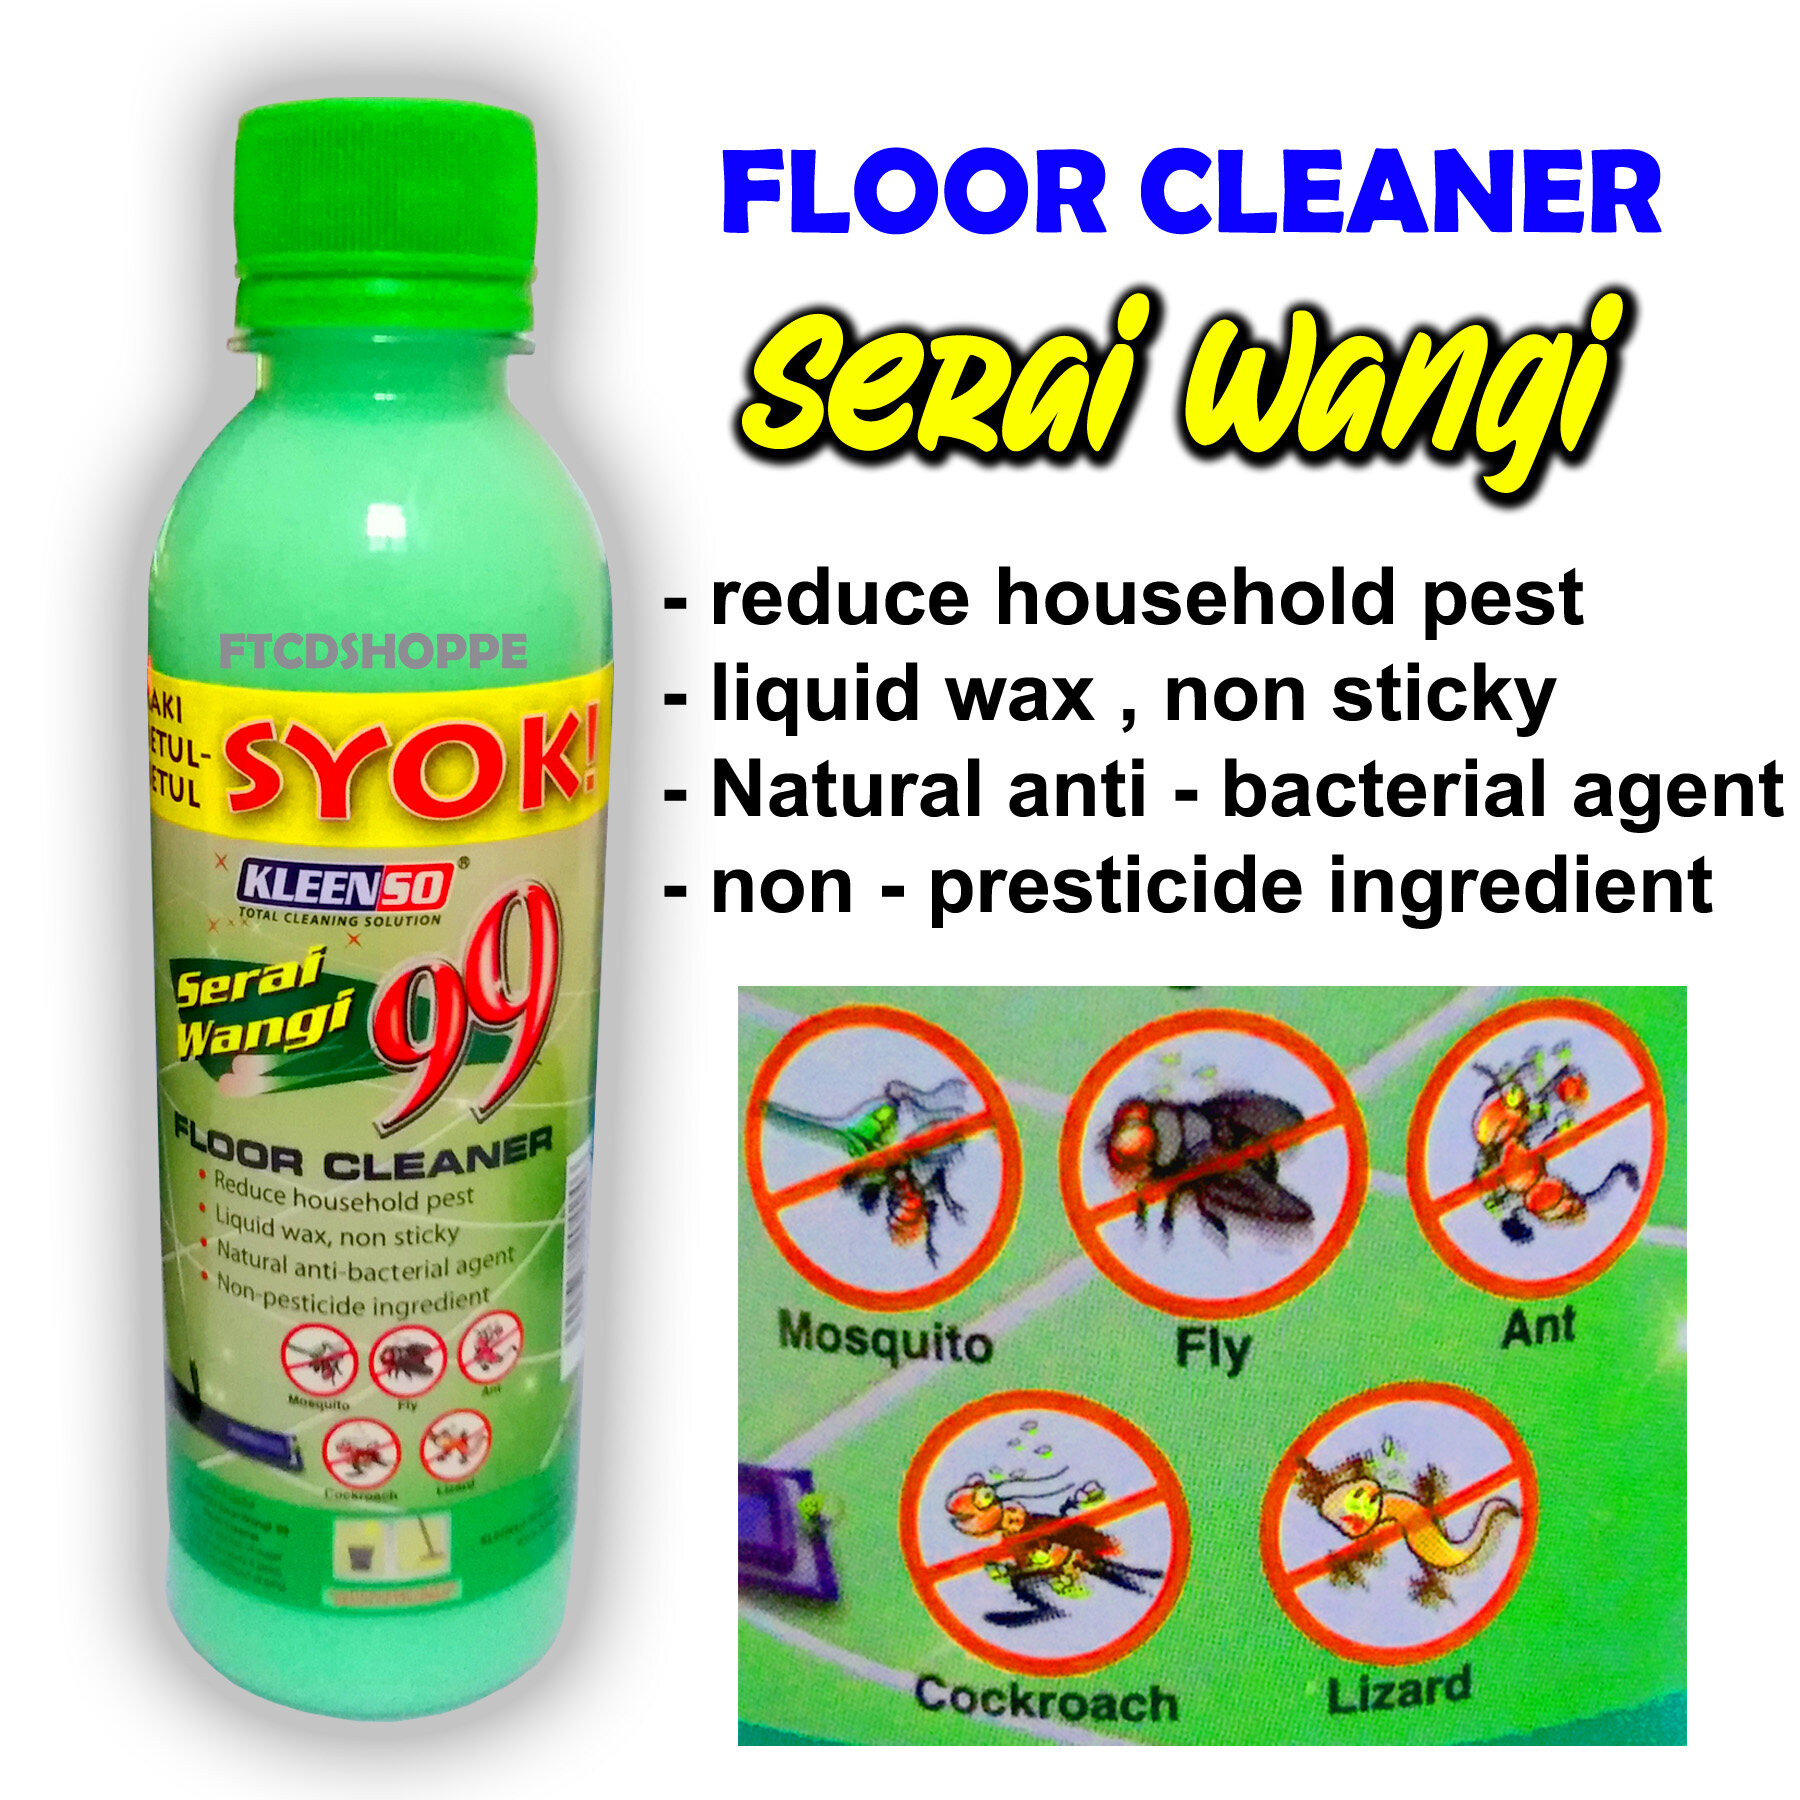 KLEENSO Floor Cleaner Liquid Serai Wangi 99 / Cecair Pembersih Lantai Serai Wangi 99  (250 ml)